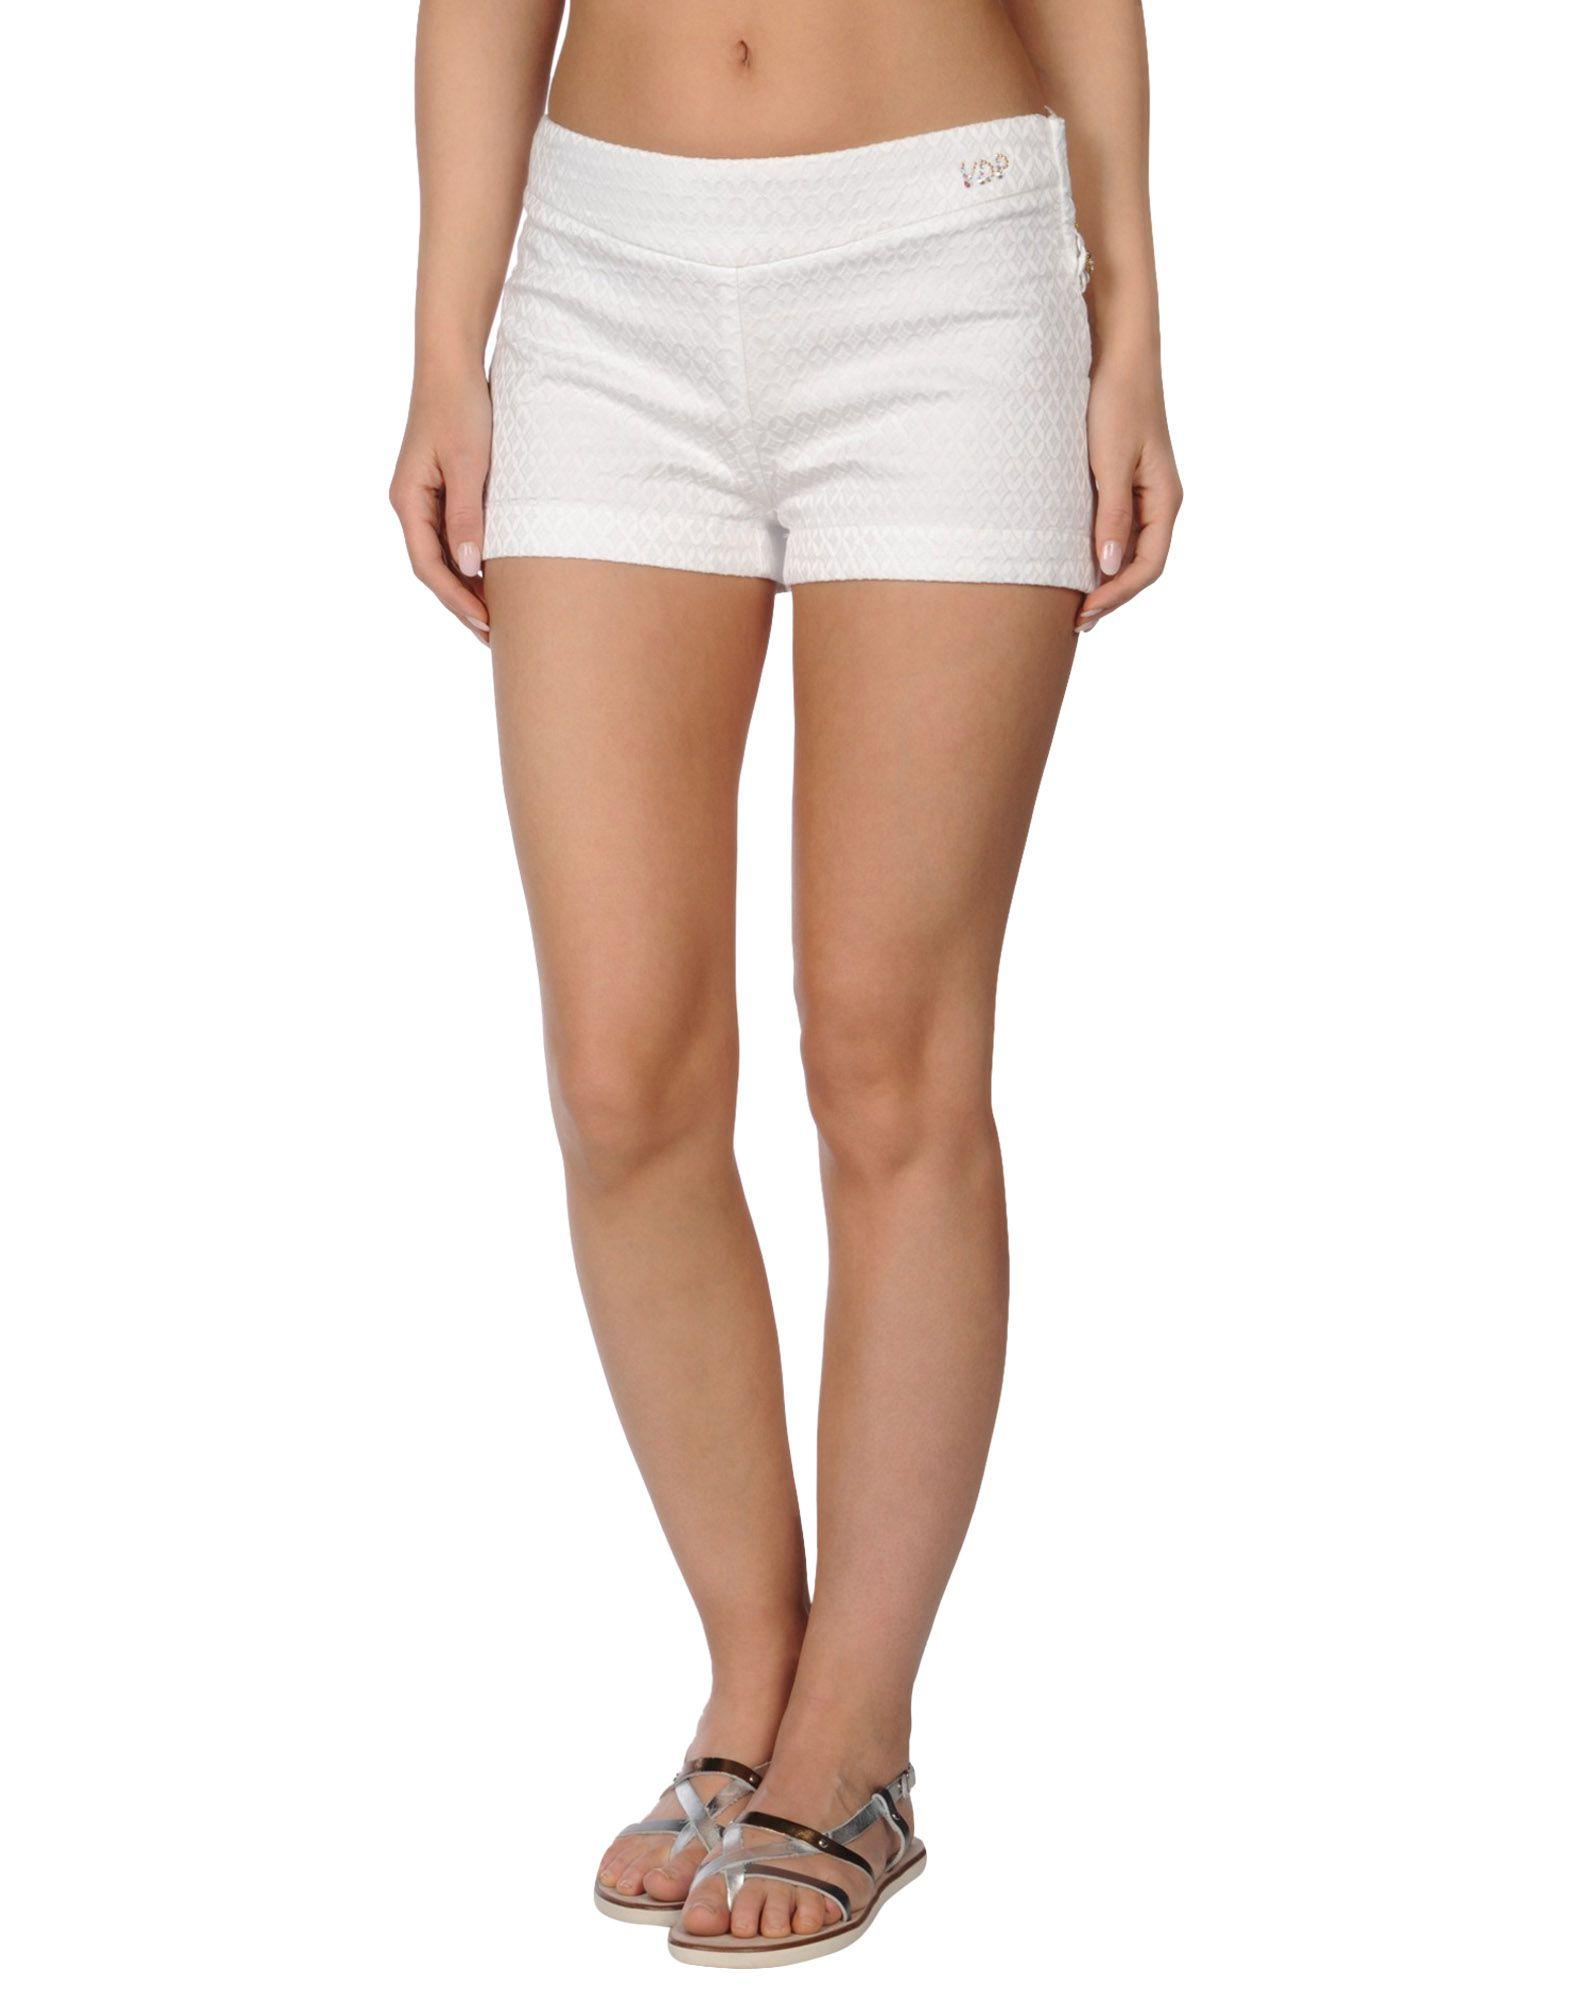 VDP BEACH Пляжные брюки и шорты